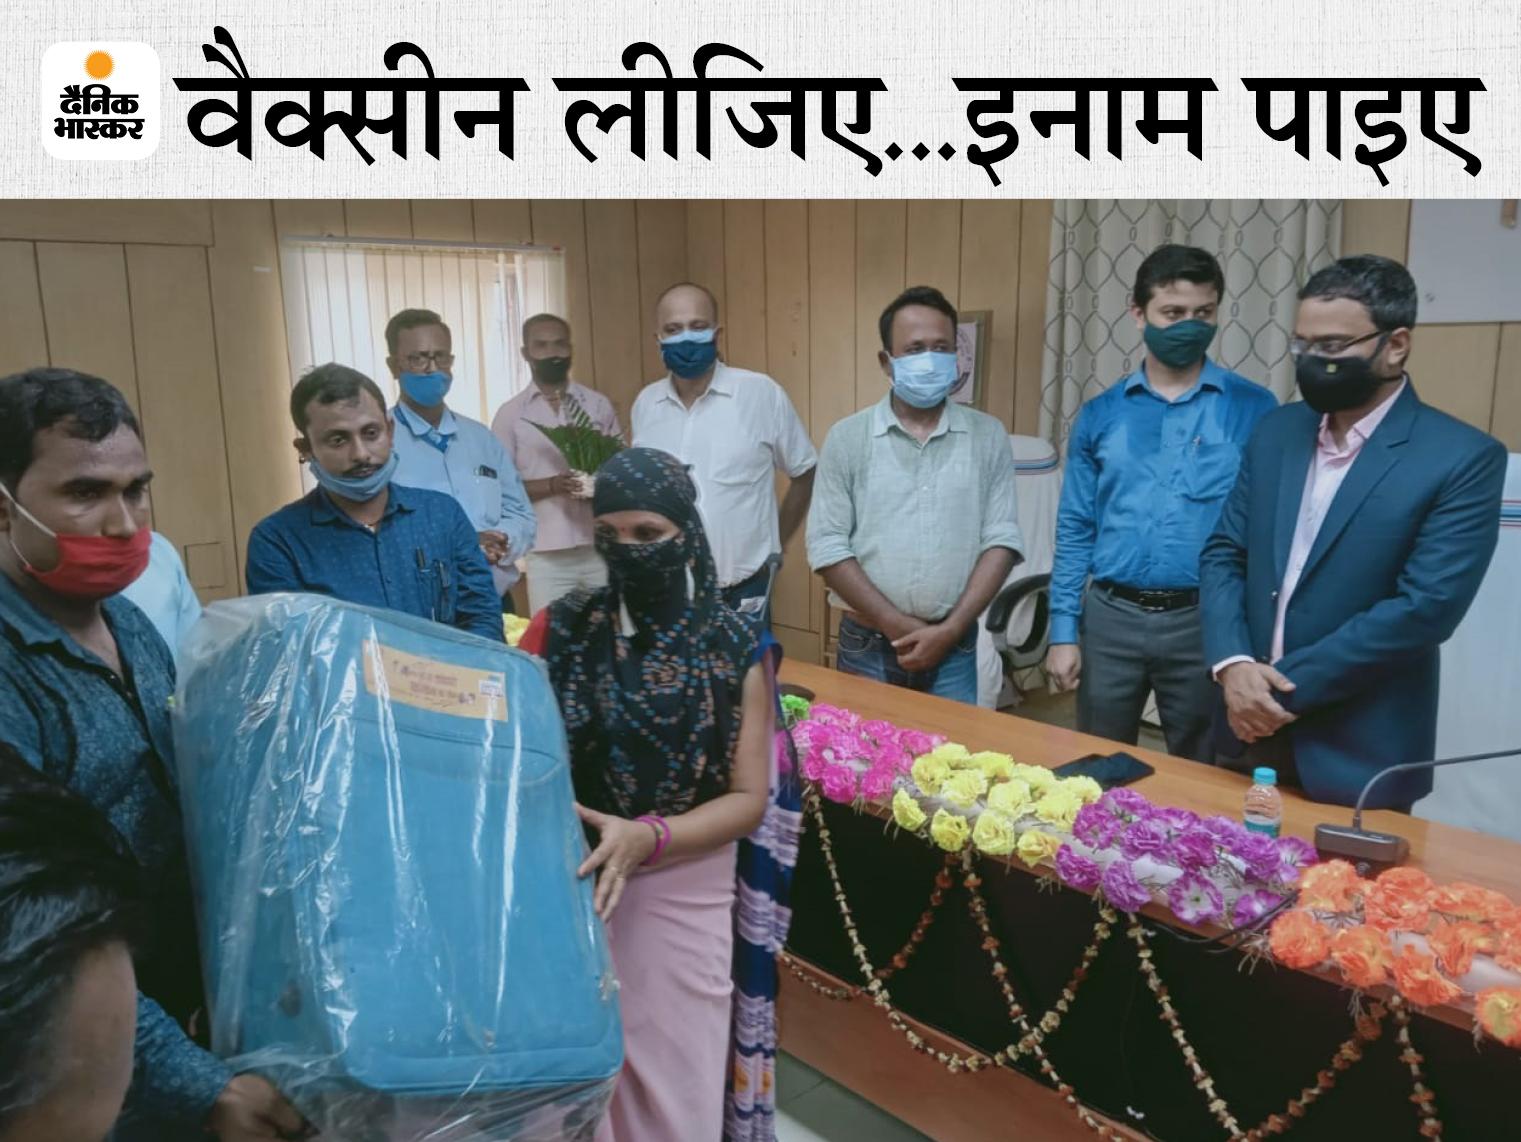 बिहार के शिवहर में वैक्सीन लगवाने के बाद लोगों को मिल रहे इनाम, फ्रिज, कूलर और सोने का सिक्का भी|बिहार,Bihar - Dainik Bhaskar